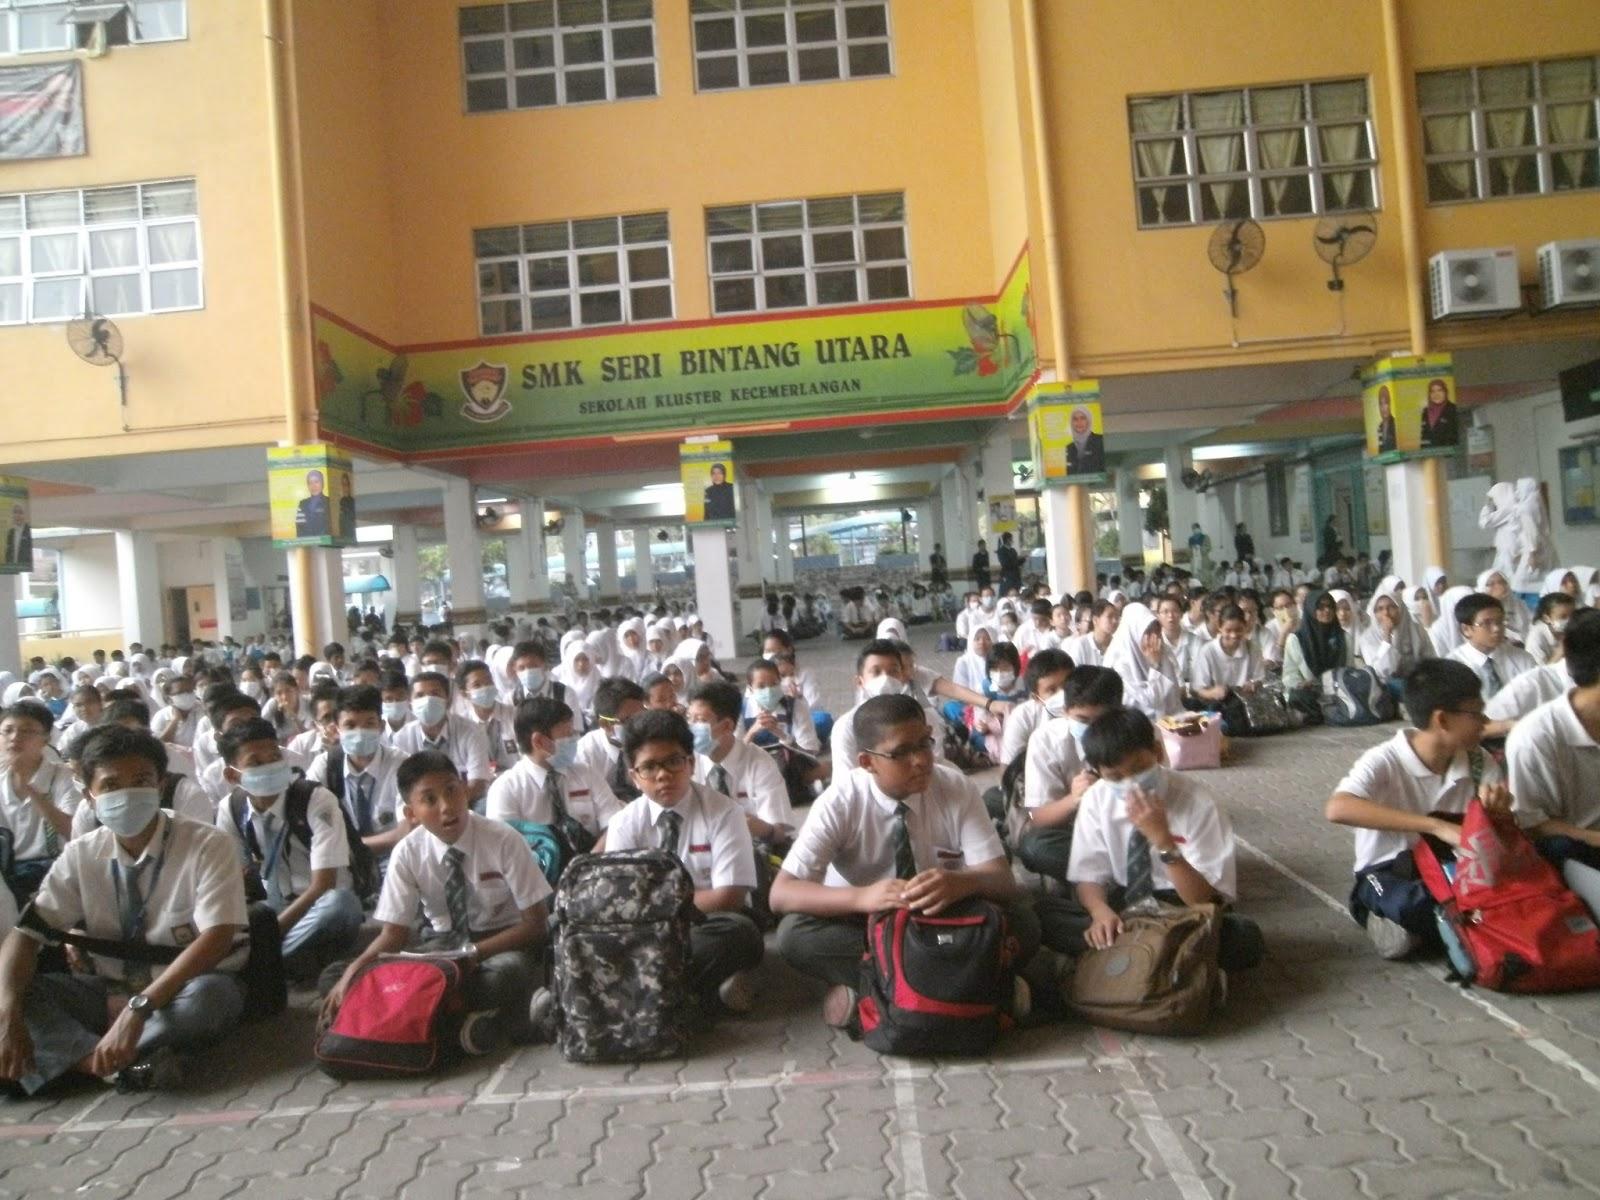 Sekolah Seri Bintang Utara